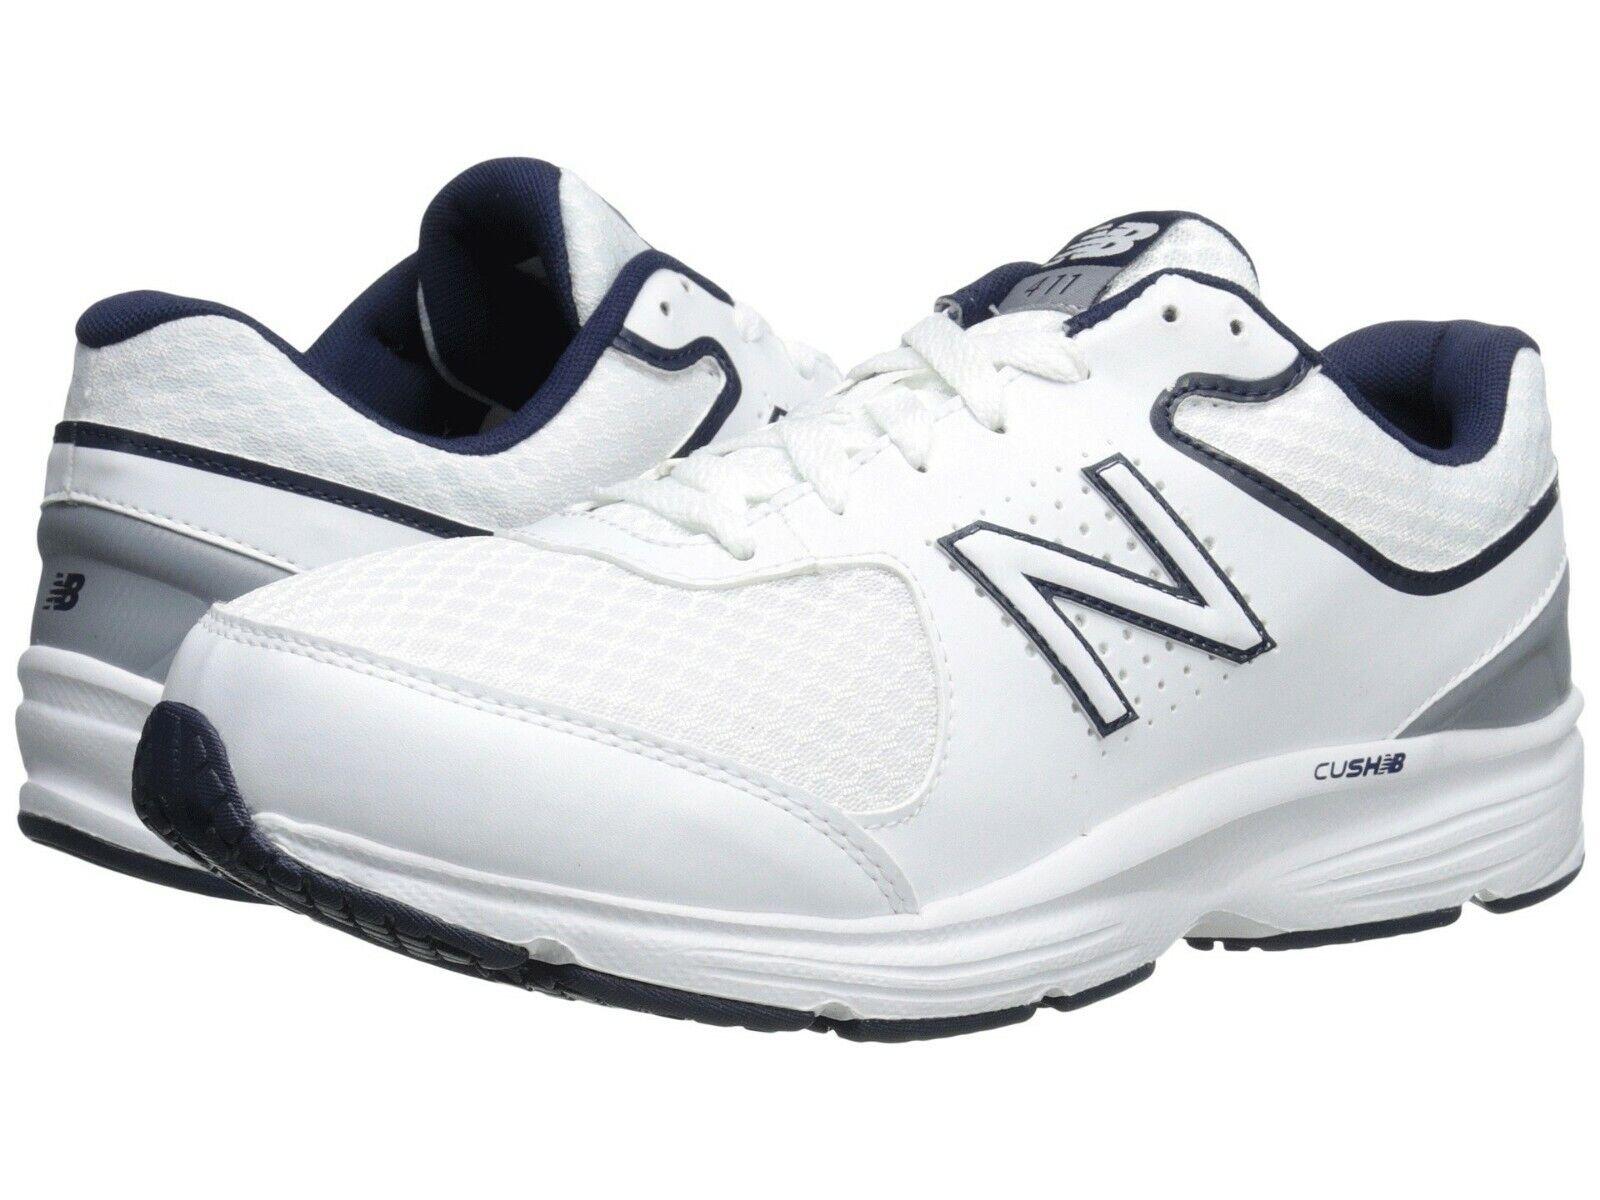 Nuevo Para Hombre New Balance MW411v2 blancoo Azul Cuero Atléticas Zapatos para Caminar Auténtico